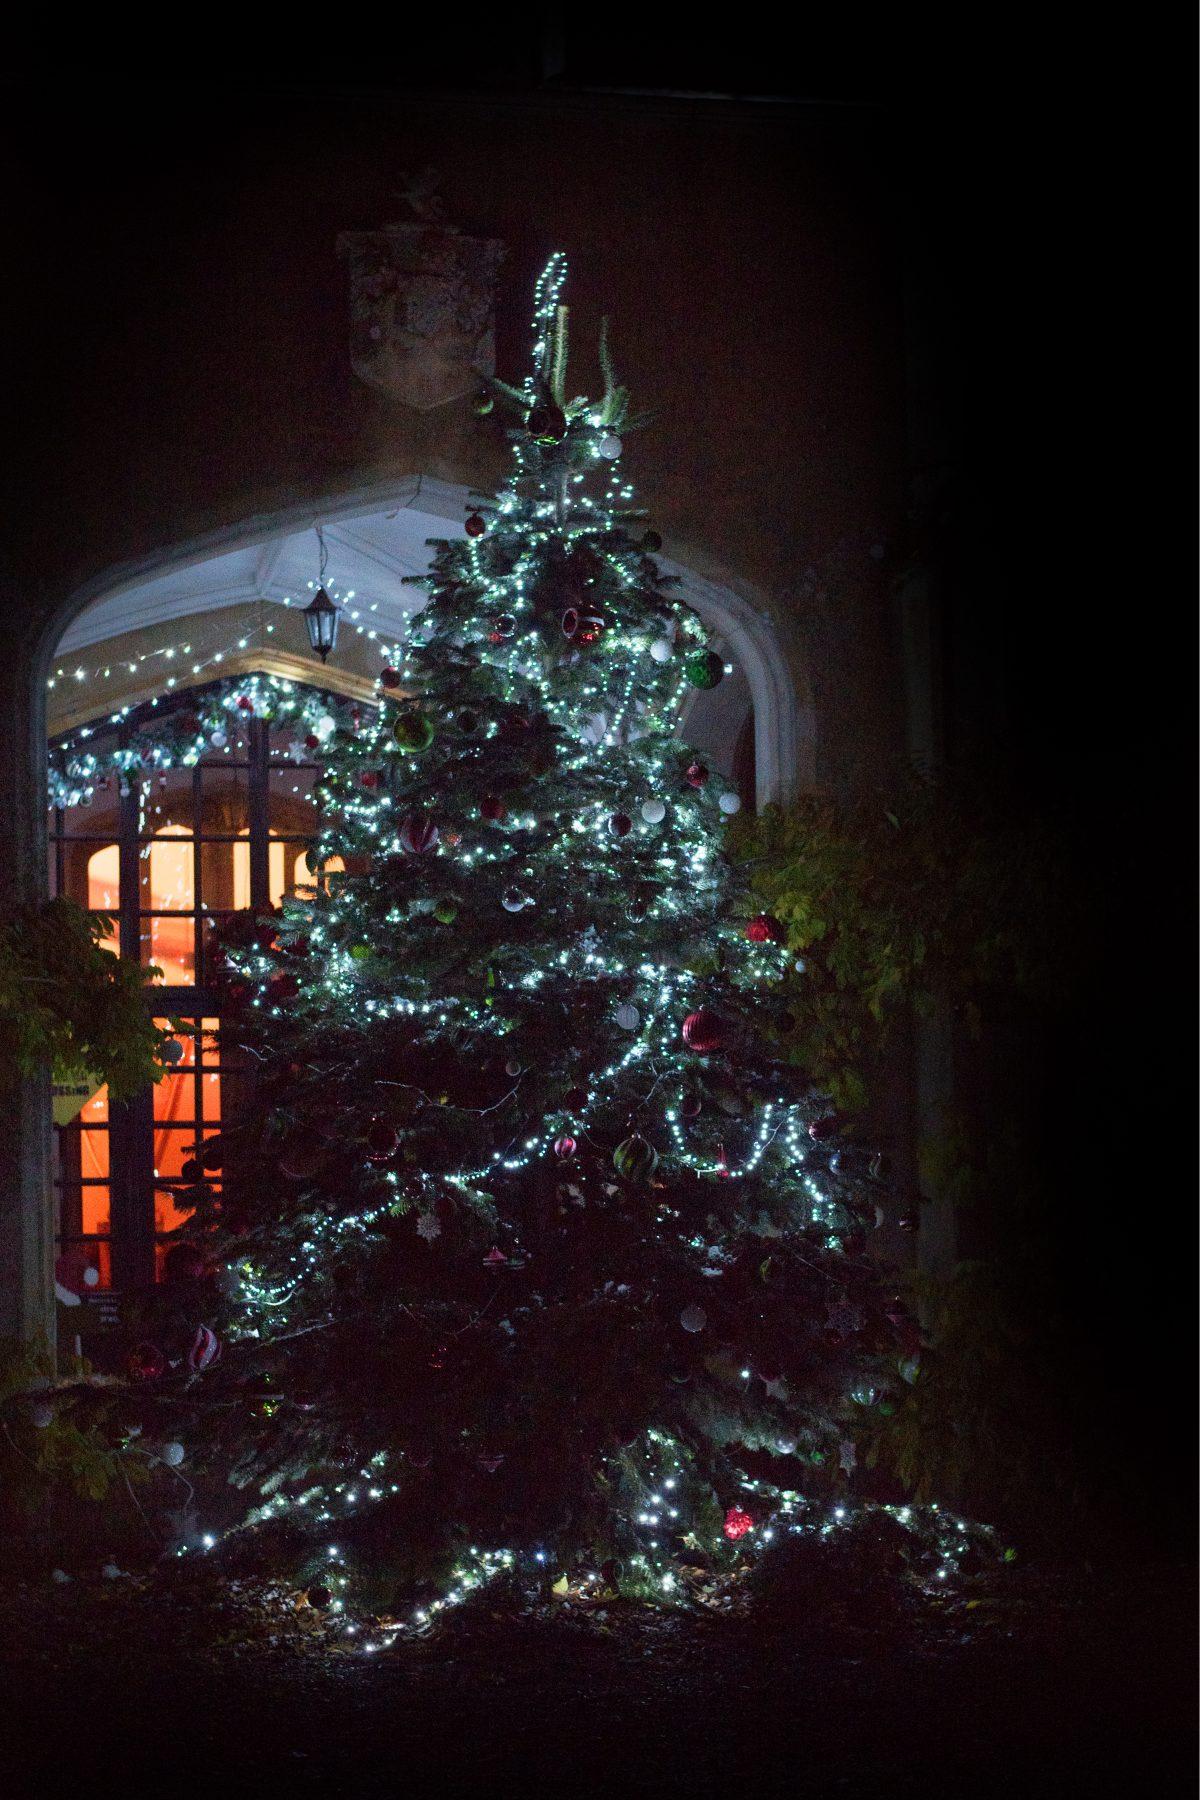 marwelltree